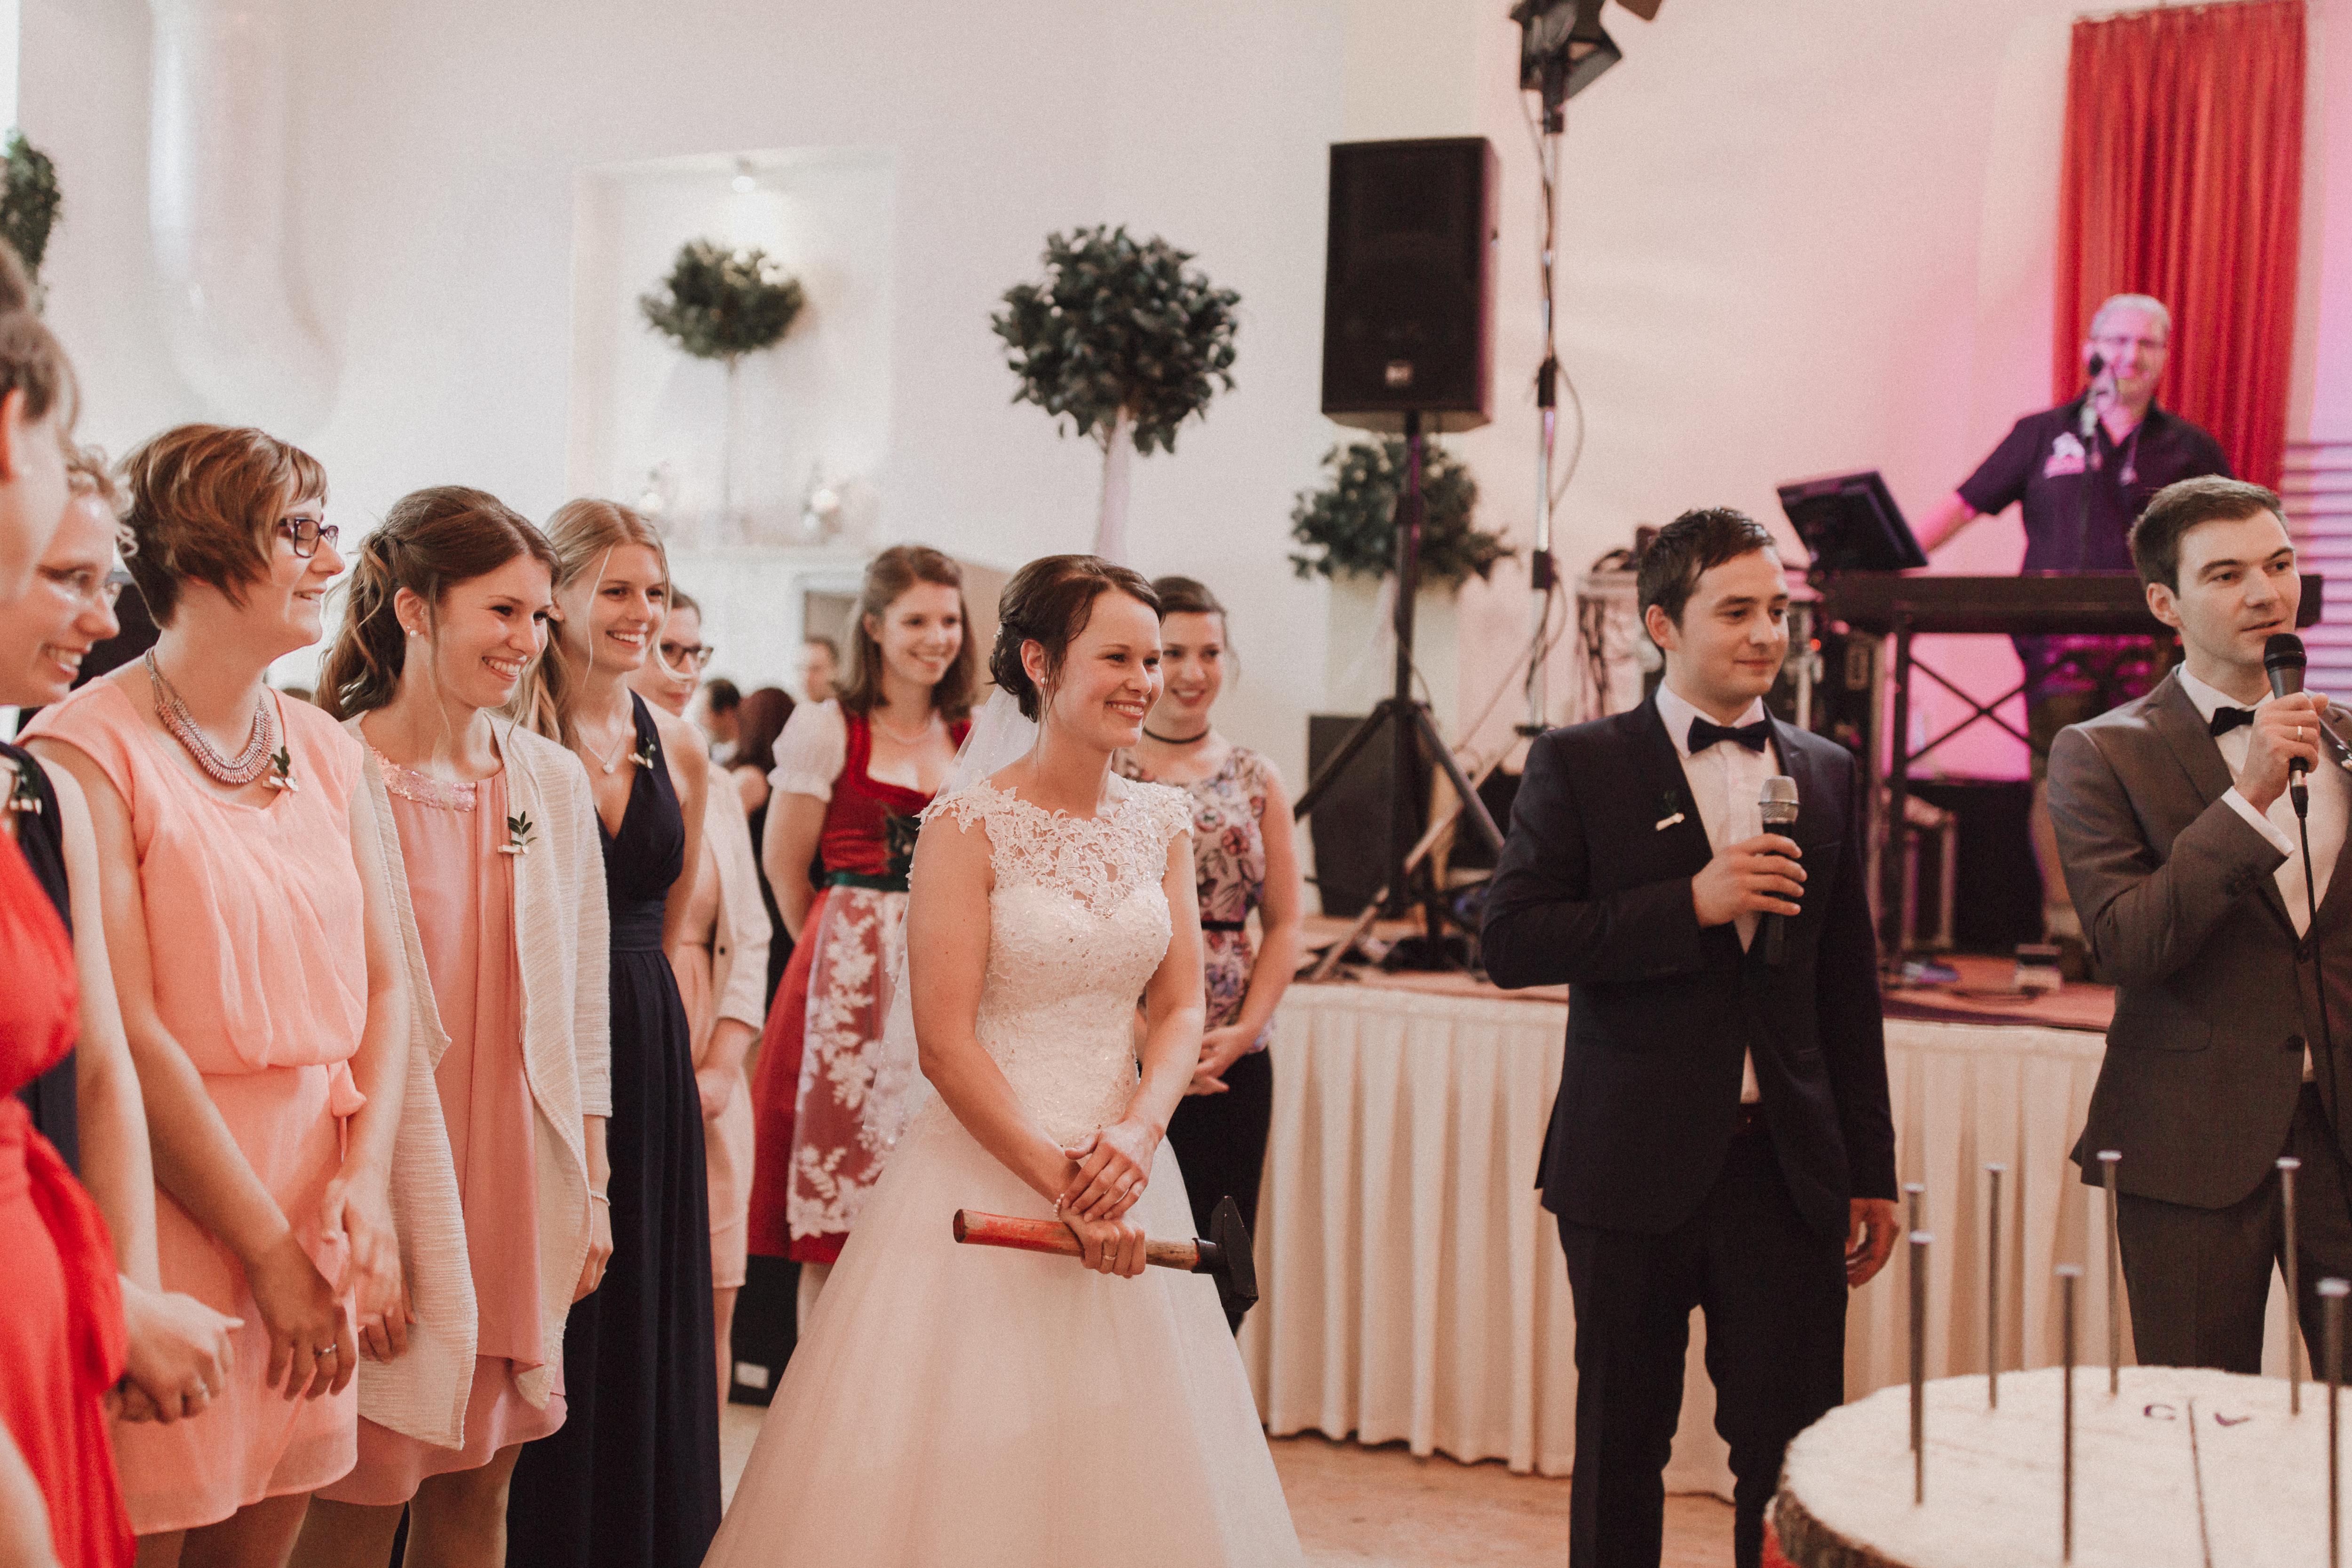 URBANERIE_Daniela_Goth_Hochzeitsfotografin_Nürnberg_Fürth_Erlangen_Schwabach_170909_0107